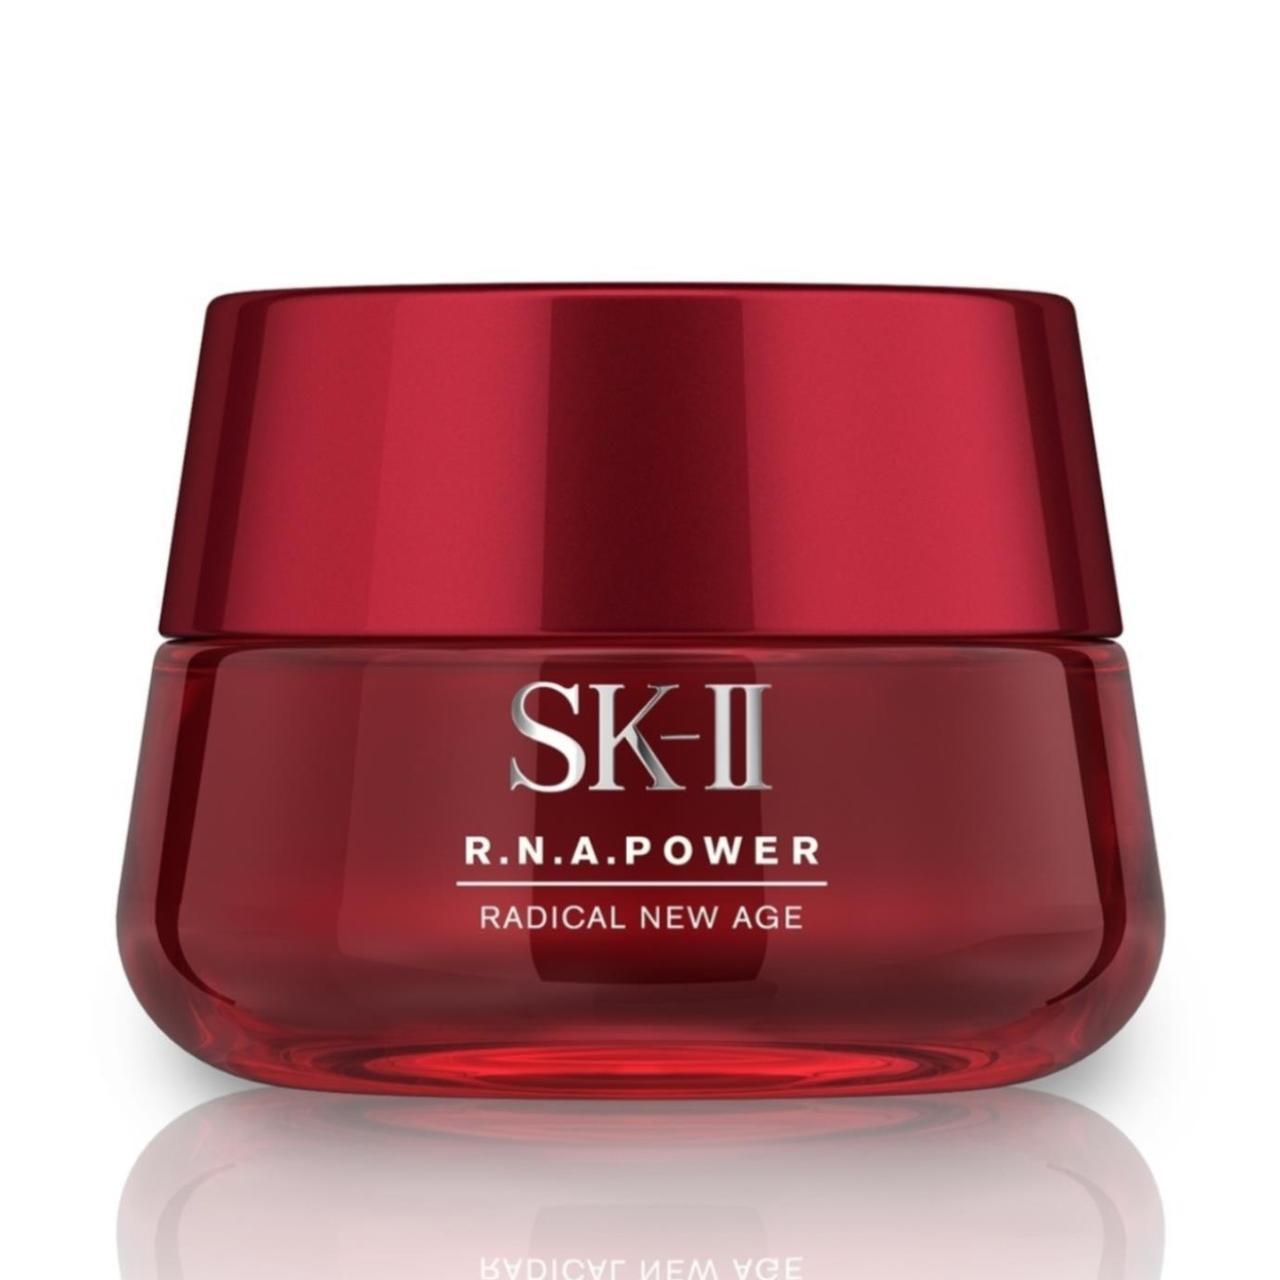 SK II RNA Power Radical New Age Антивозрастной укрепляющий и увлажняющий крем для лица 100 g